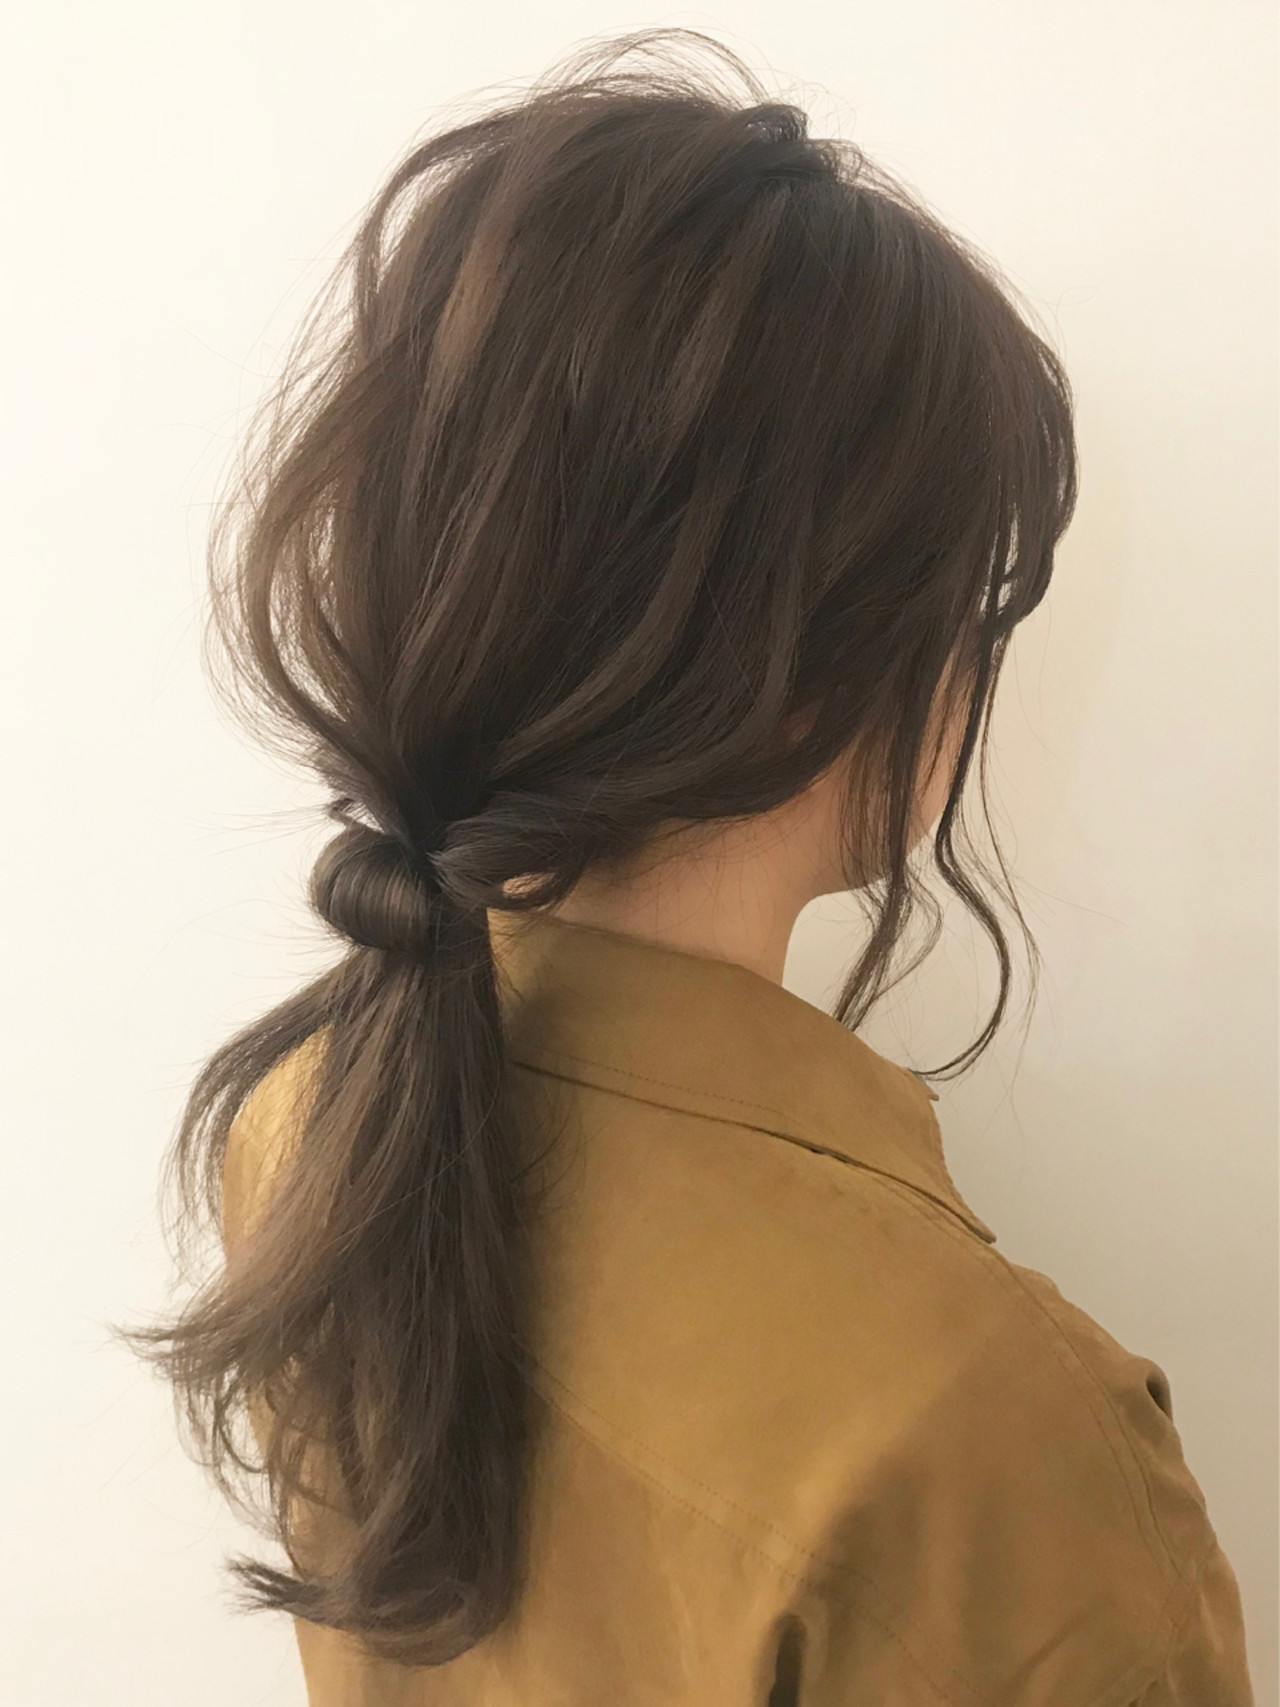 デート ヘアアレンジ ナチュラル 黒髪 ヘアスタイルや髪型の写真・画像 | ヤマキタ トシキ Neolive / Neolive CiroL.